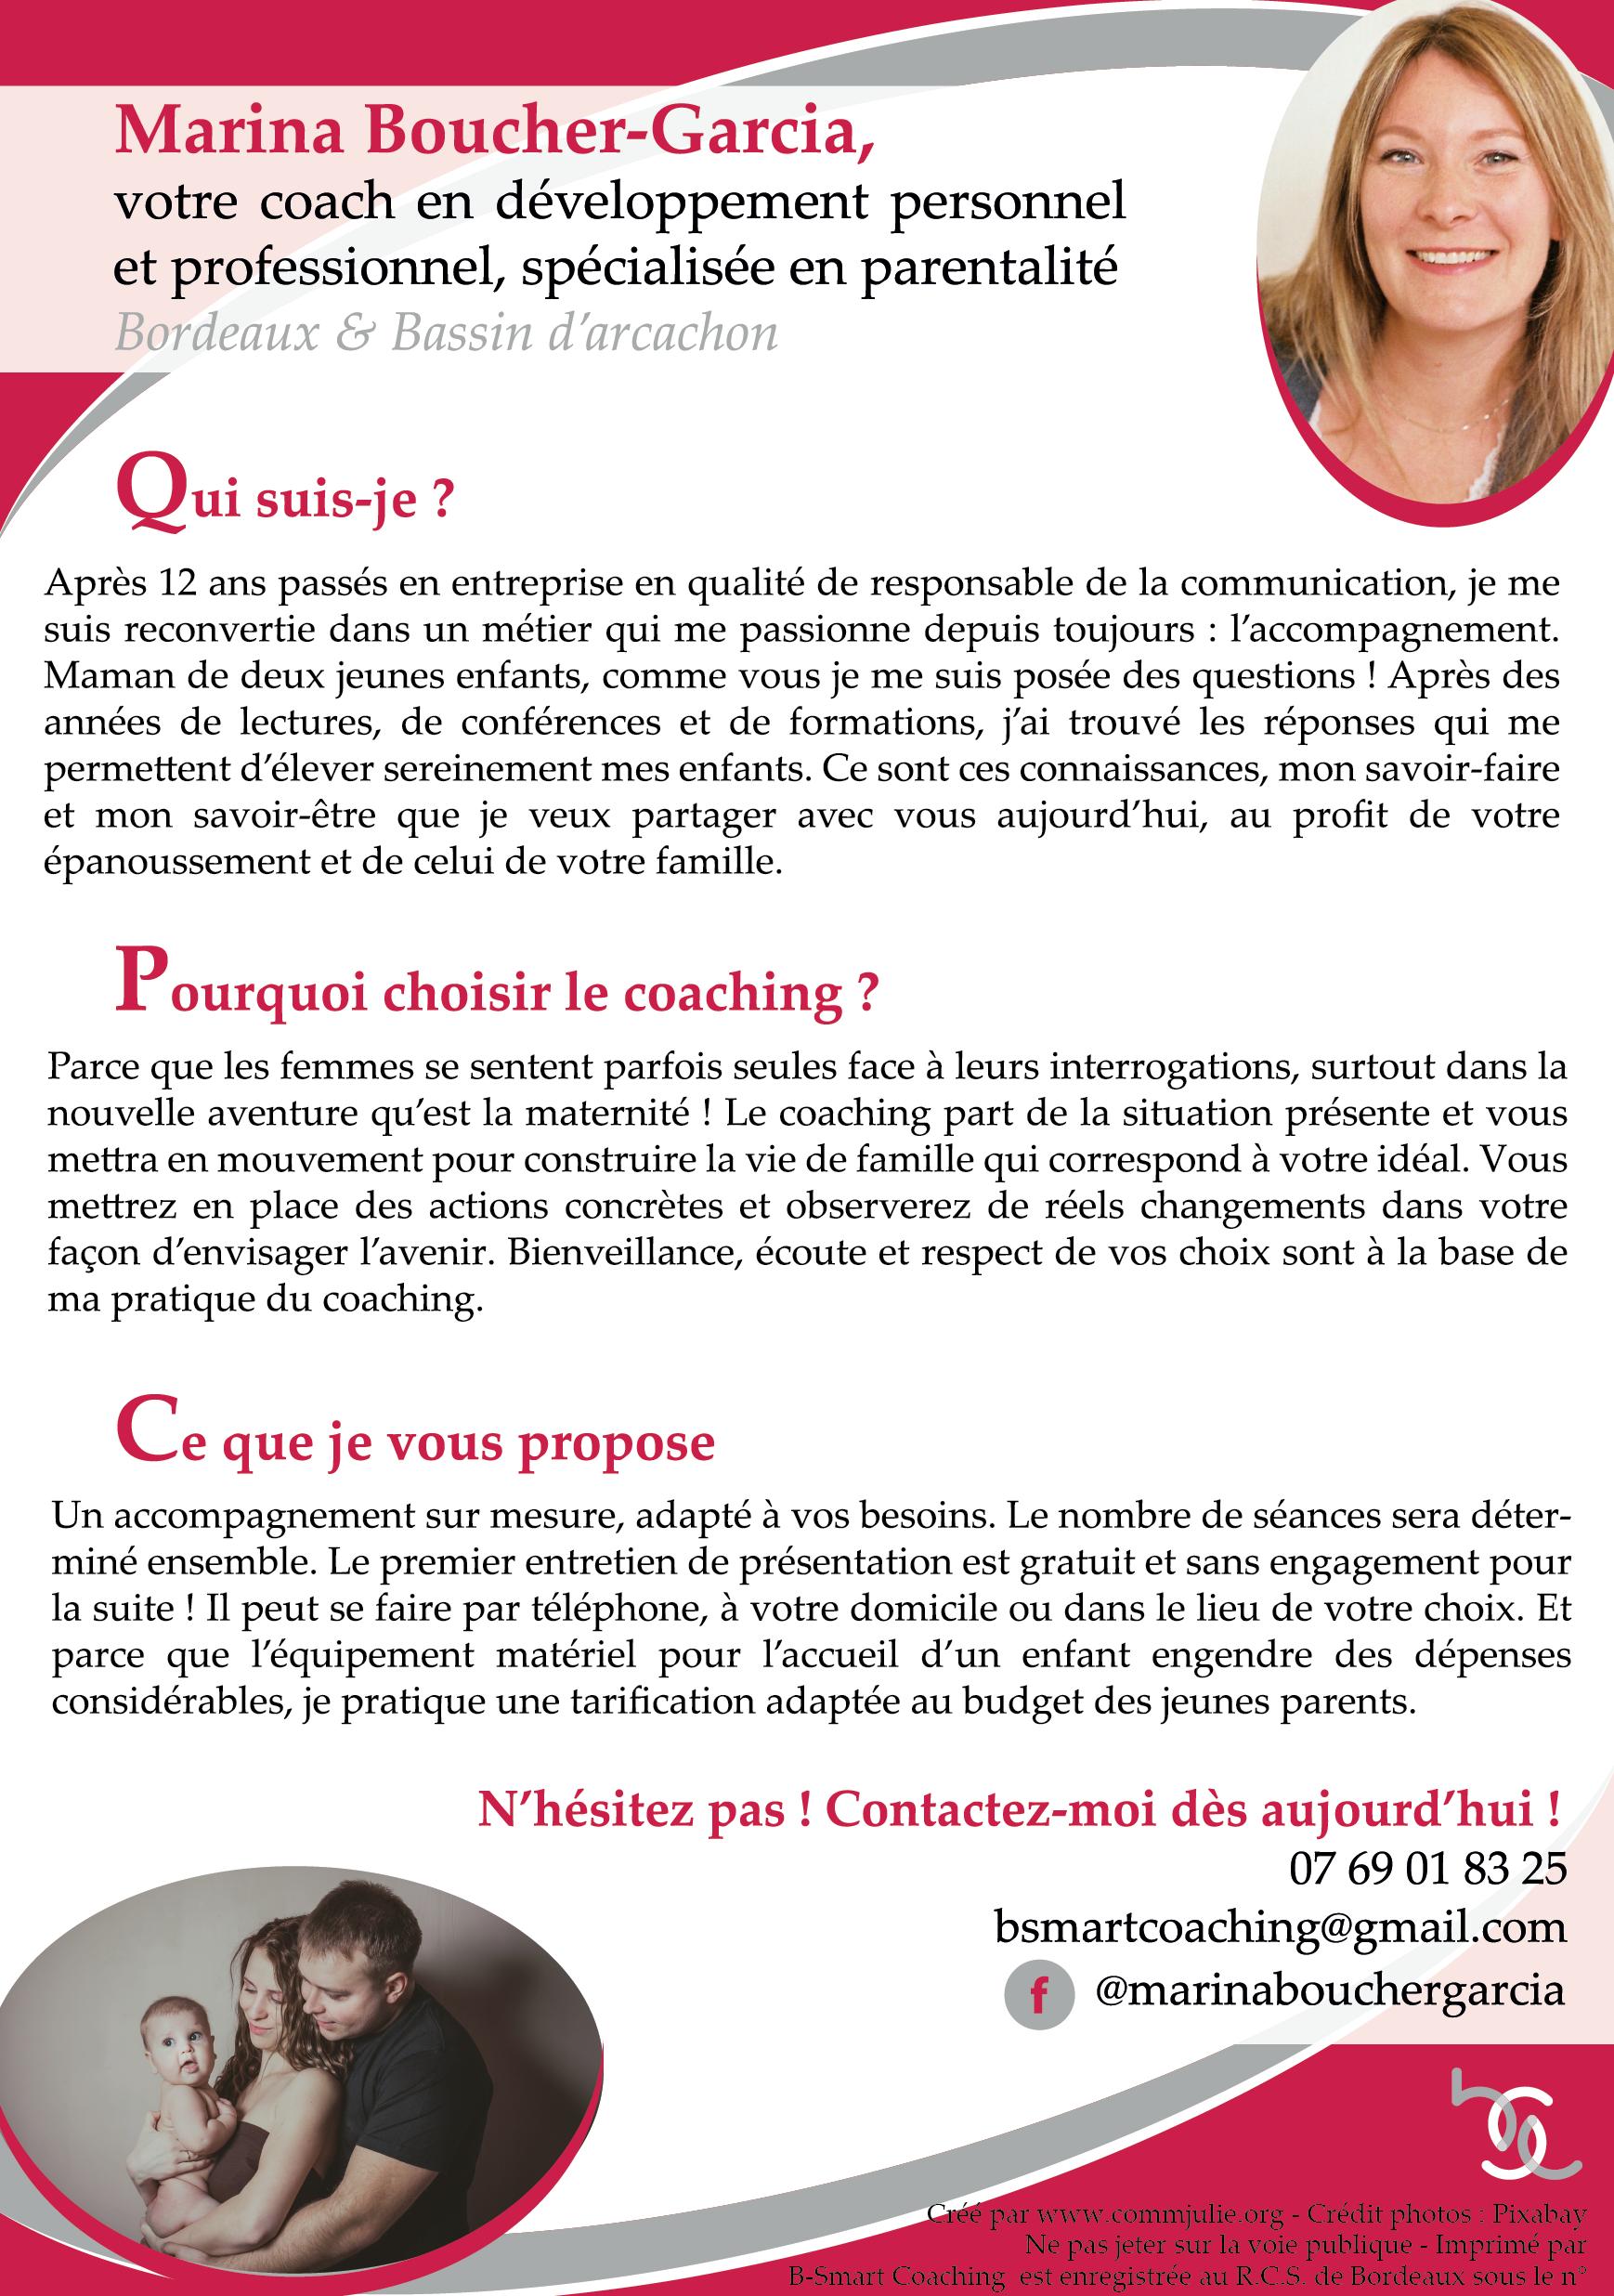 Exemple de flyer créé par Julie Laluque, chargée de communication indépendante à Bordeaux